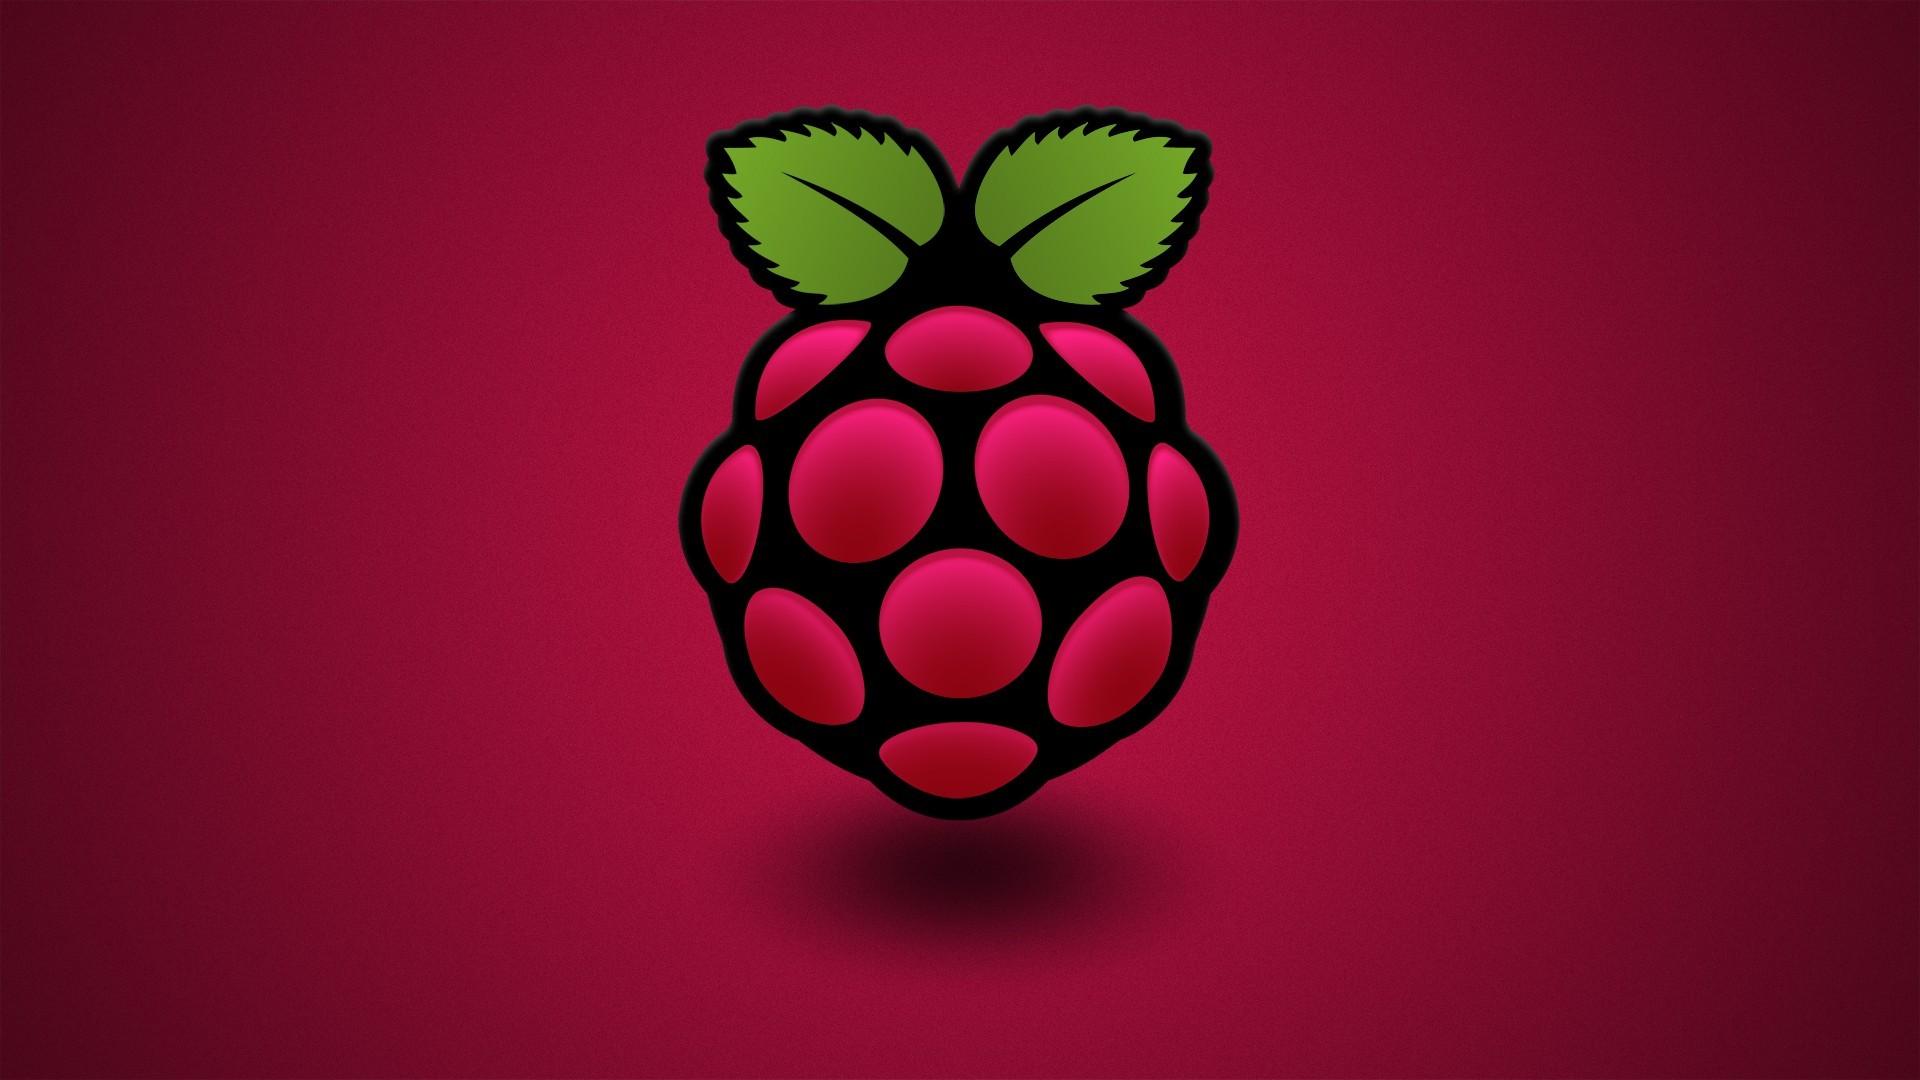 raspberry-pi_20150726001.jpg